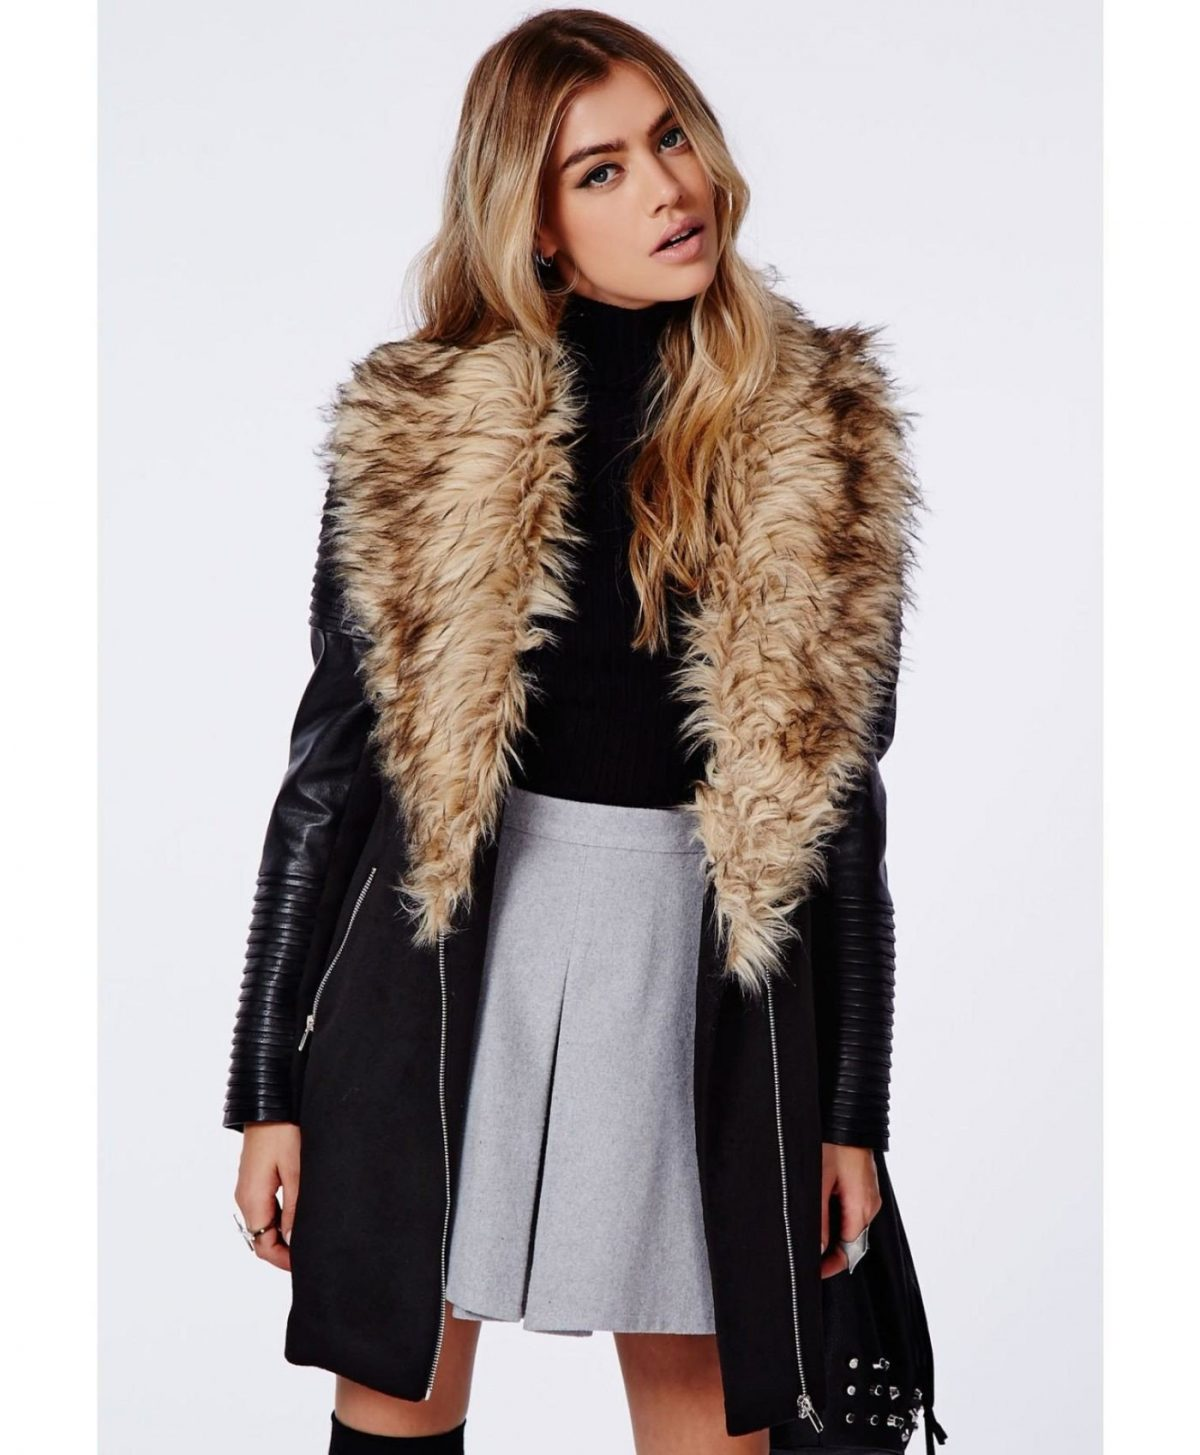 Тренды осень-зима 2018 2019: черная куртка с объемным меховым воротником